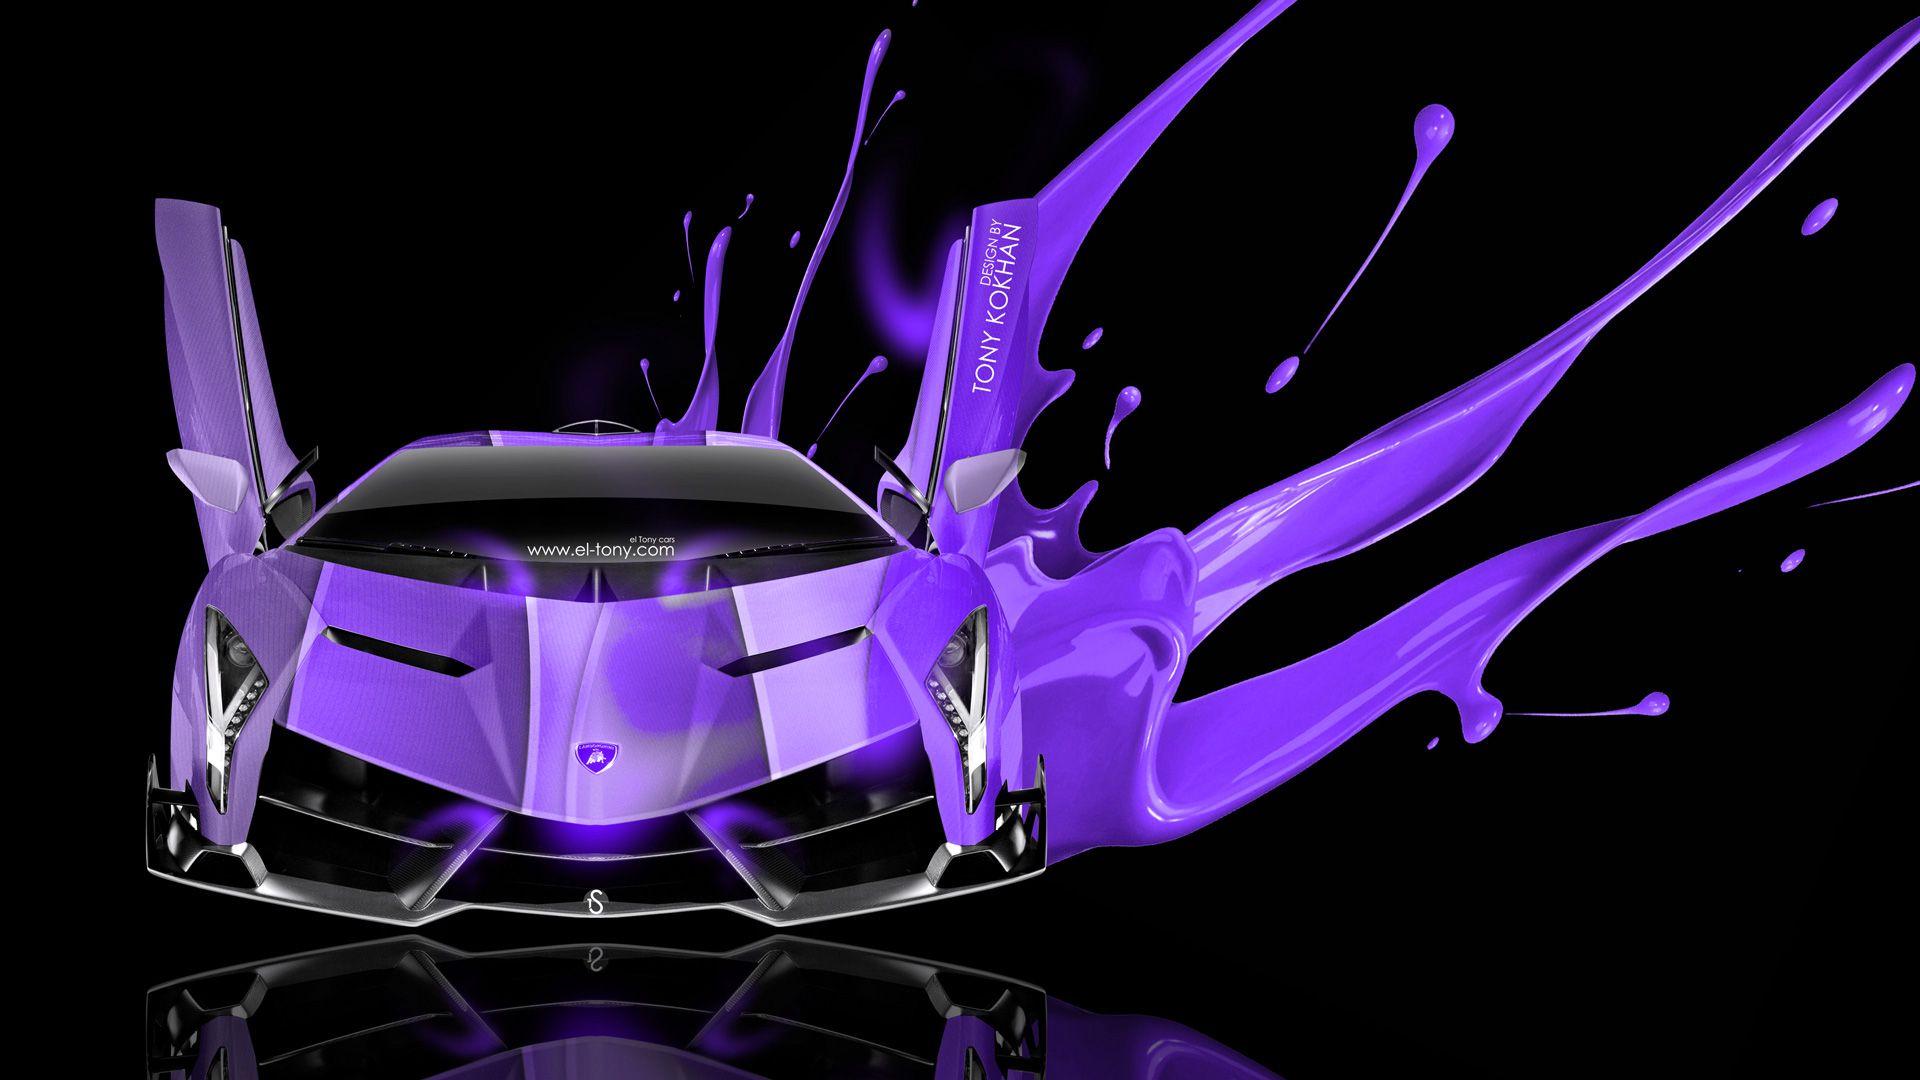 lamborghini veneno open doors art live violet colors car 2014 hd